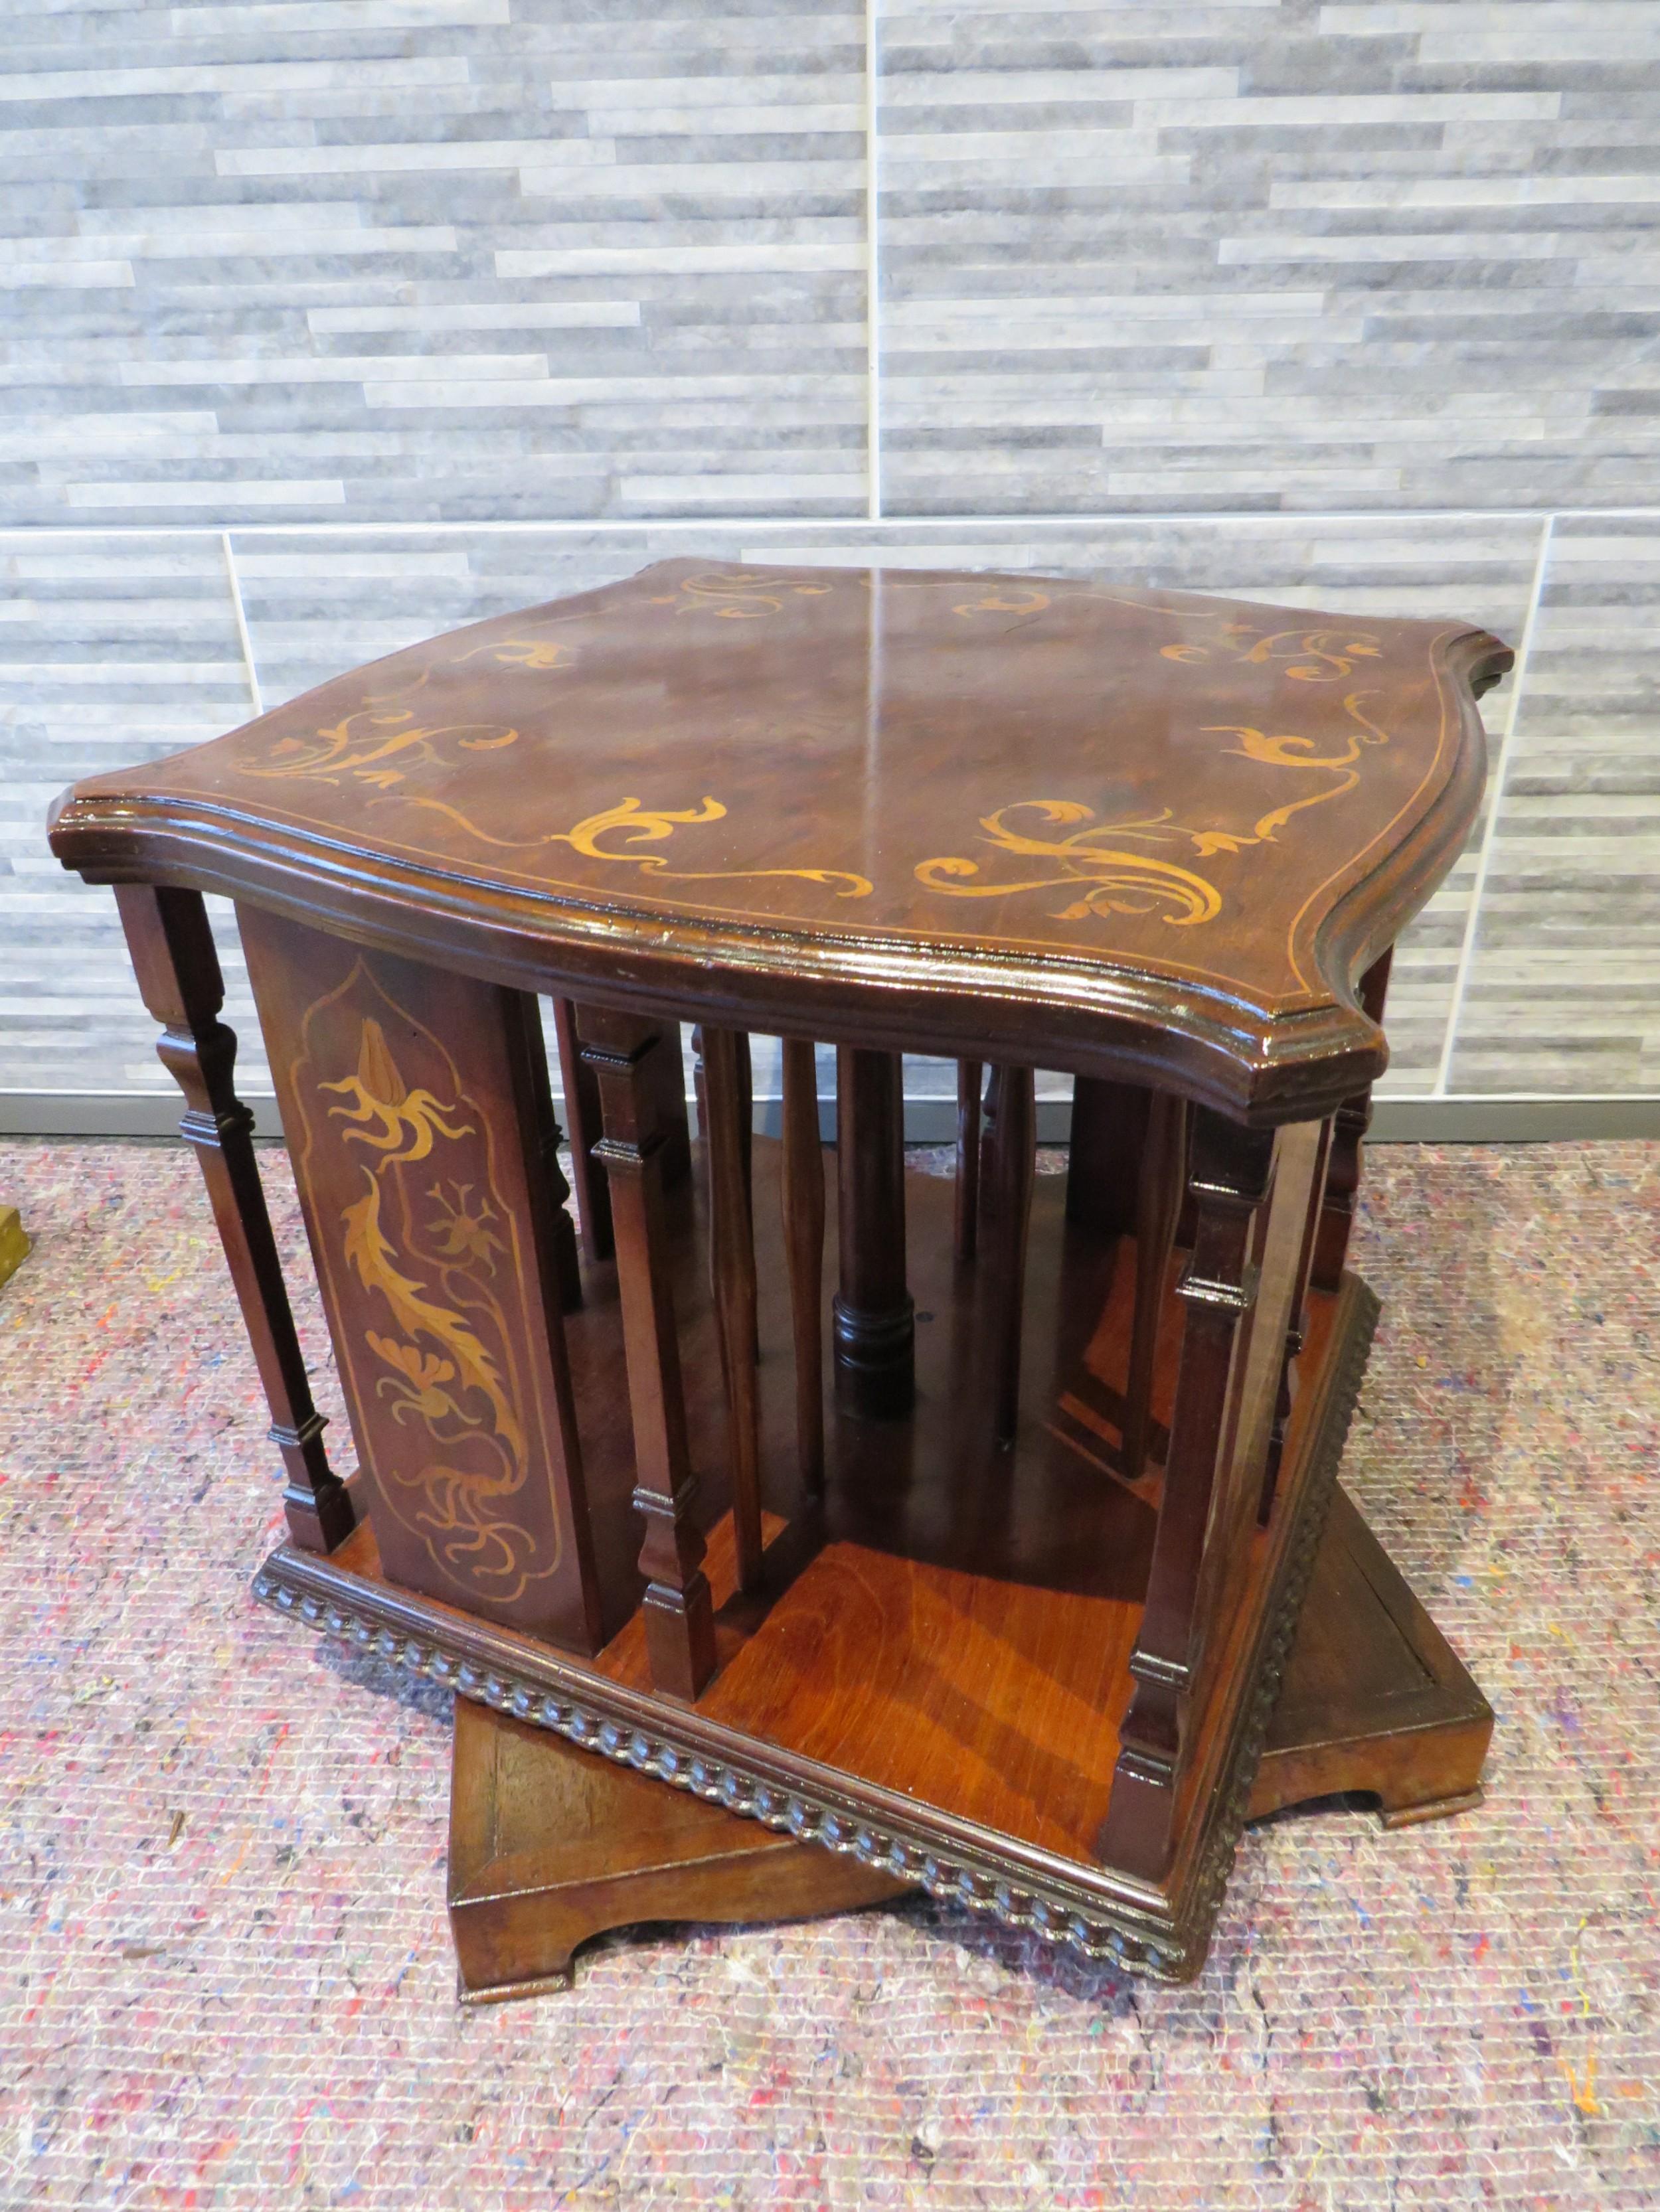 table top revolving bookcase art nouveau influence c1910